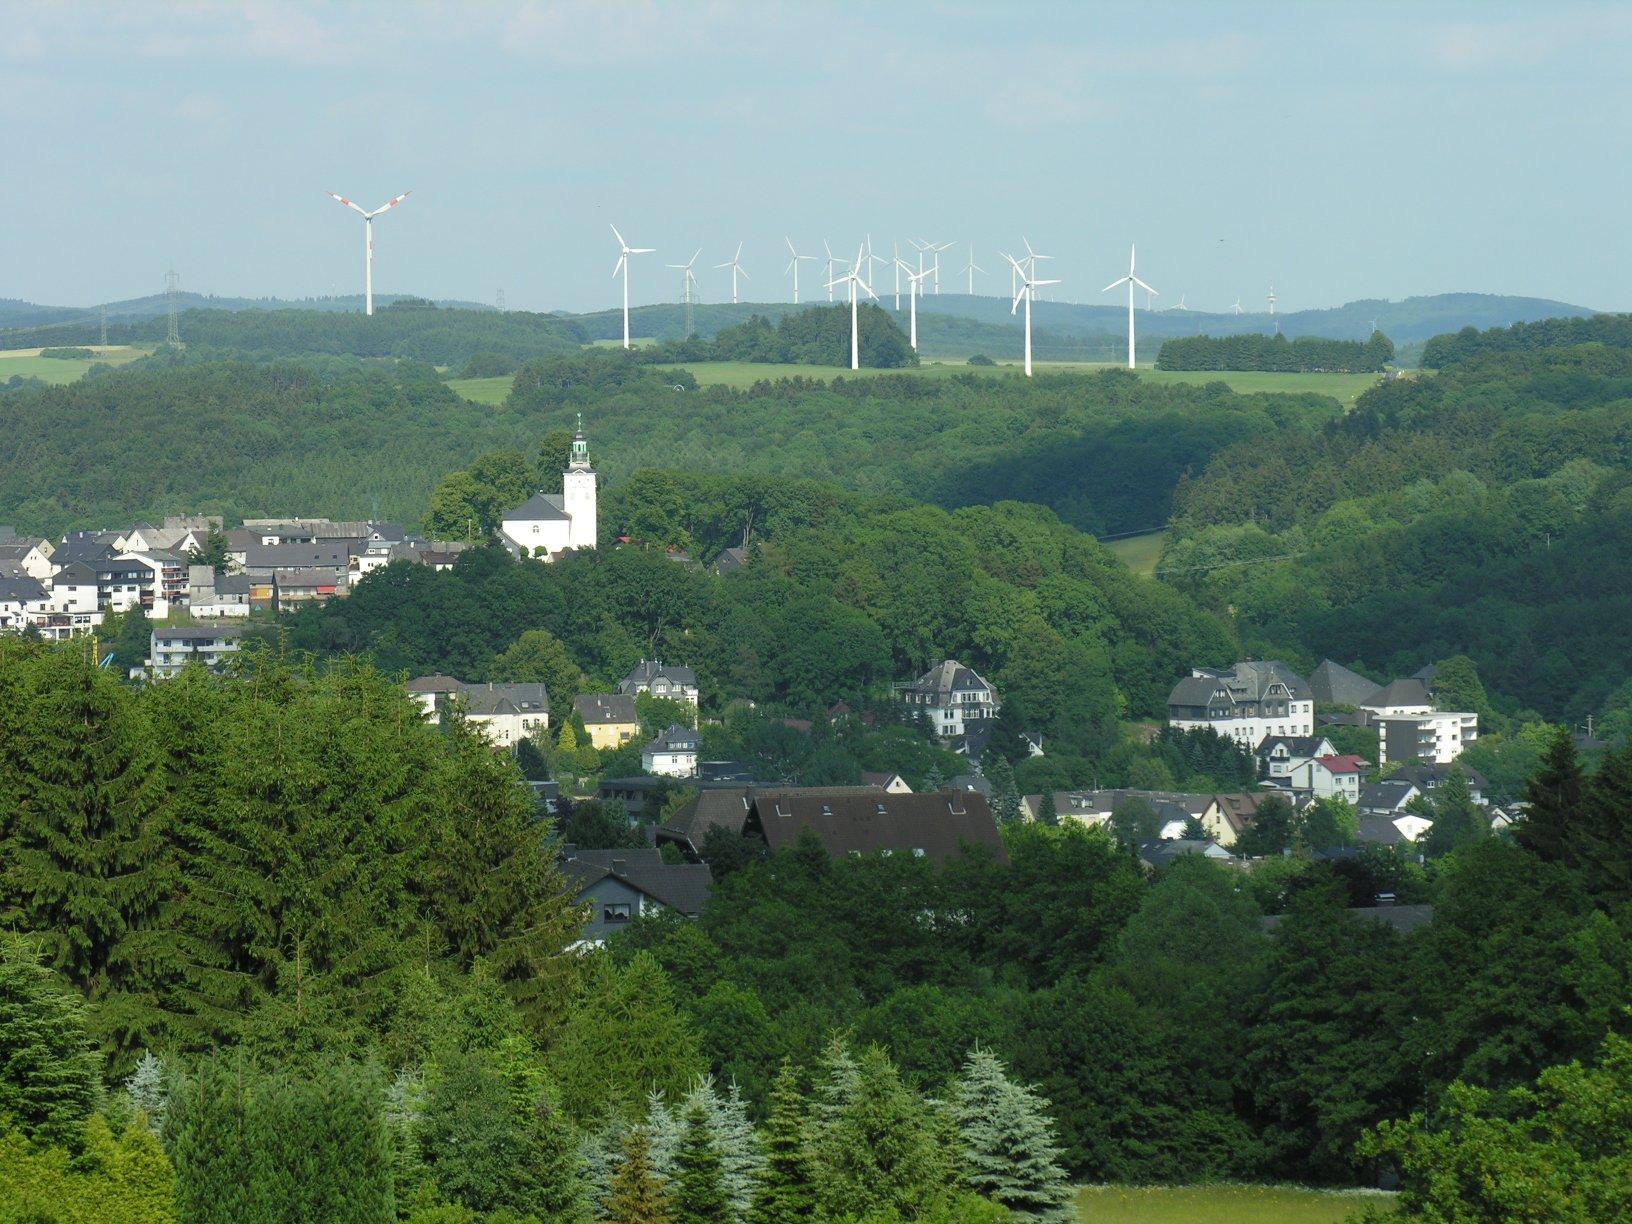 Foto: M. Metz - Eigenes Werk, Quelle:  Wikipedia